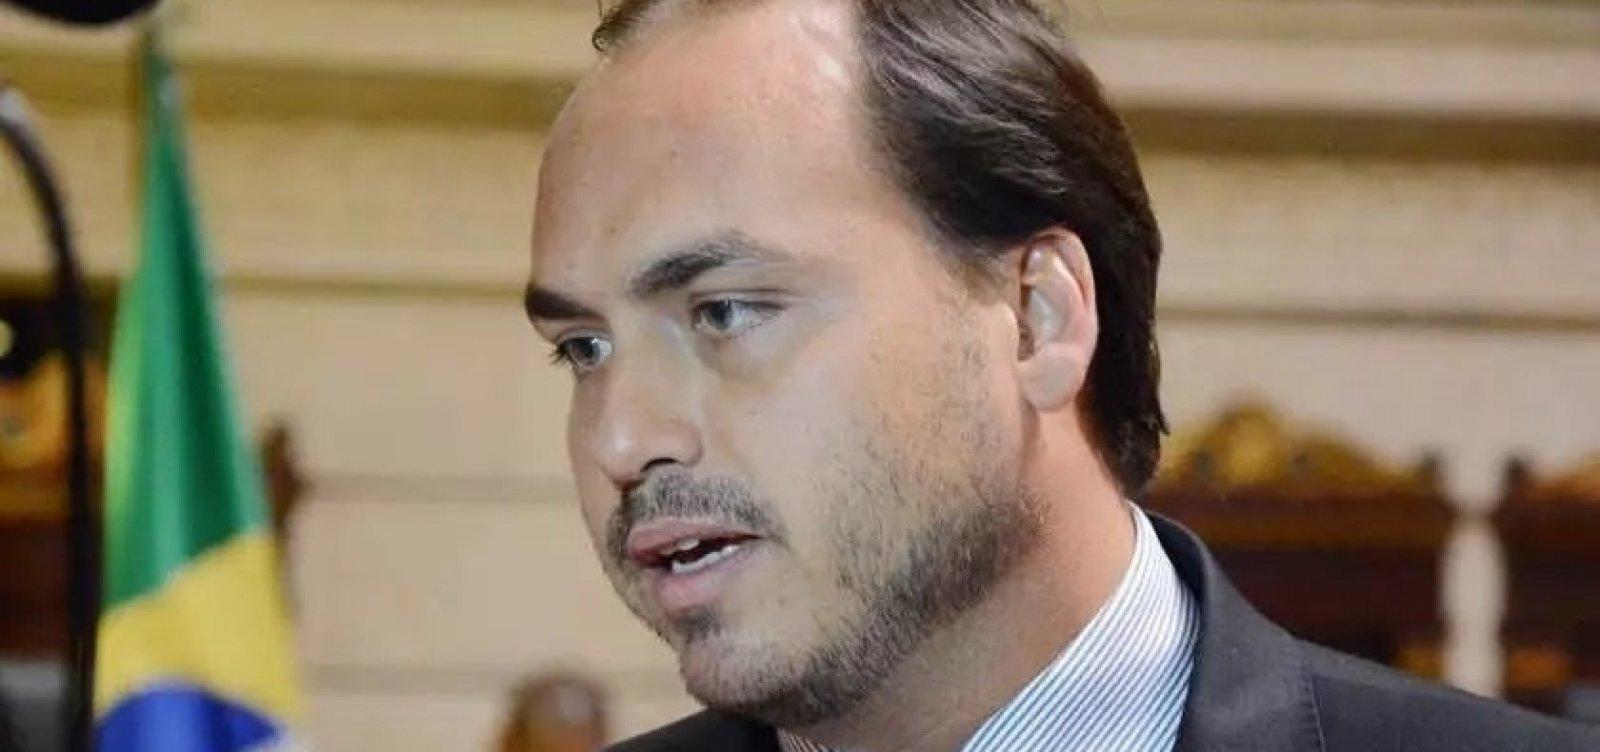 Polícia trabalha com tese de participação de Carlos Bolsonaro na morte de Marielle, diz colunista